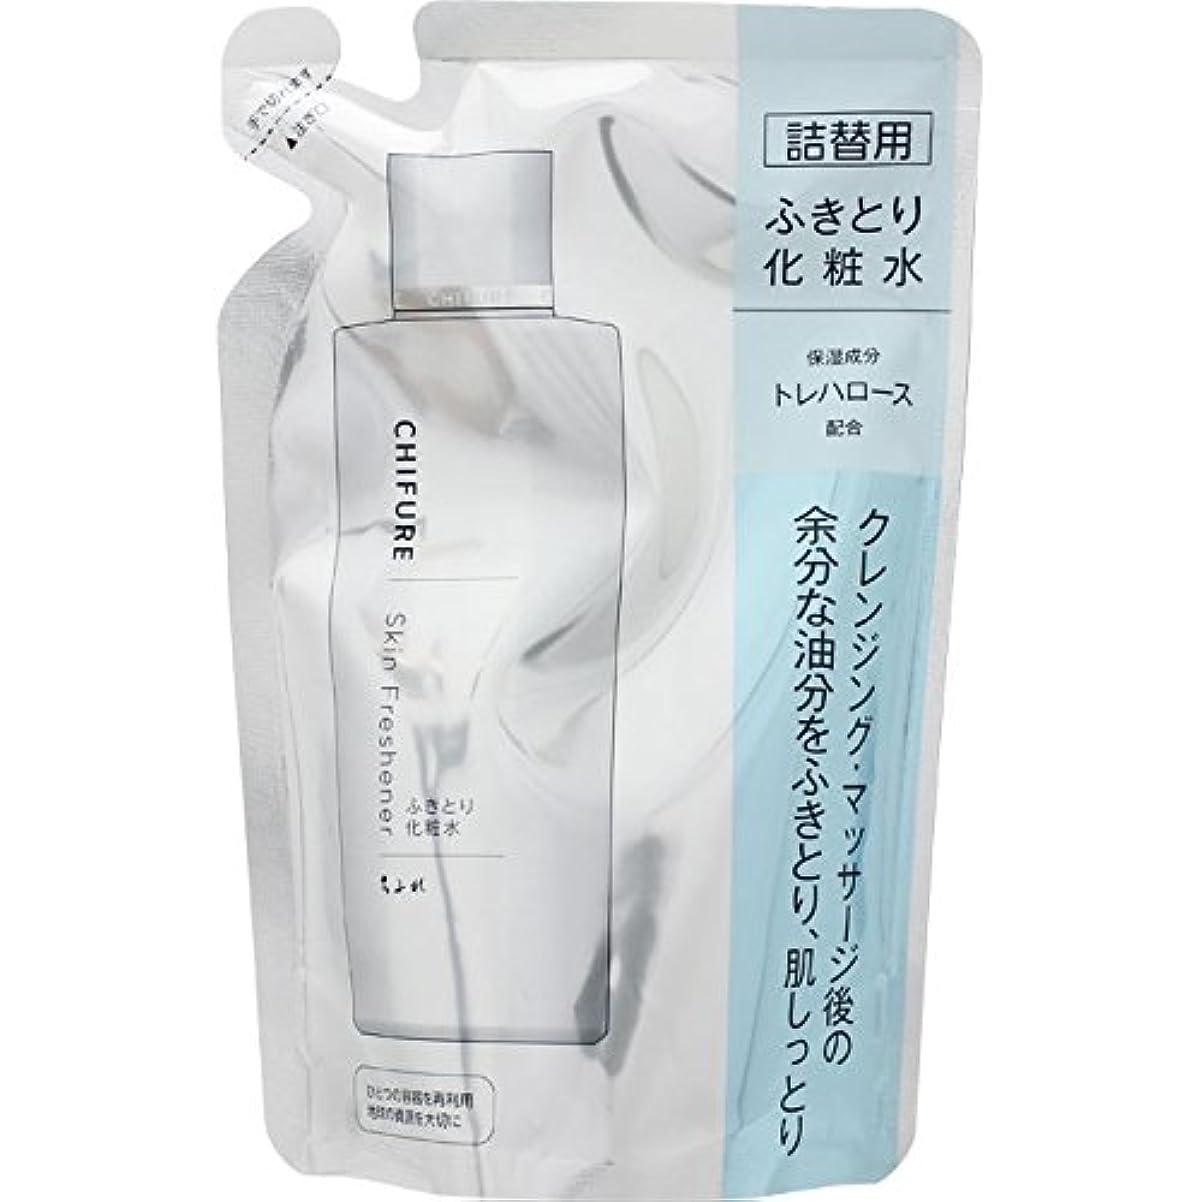 十仲良し超音速ちふれ化粧品 ふきとり化粧水 詰替用 150ML